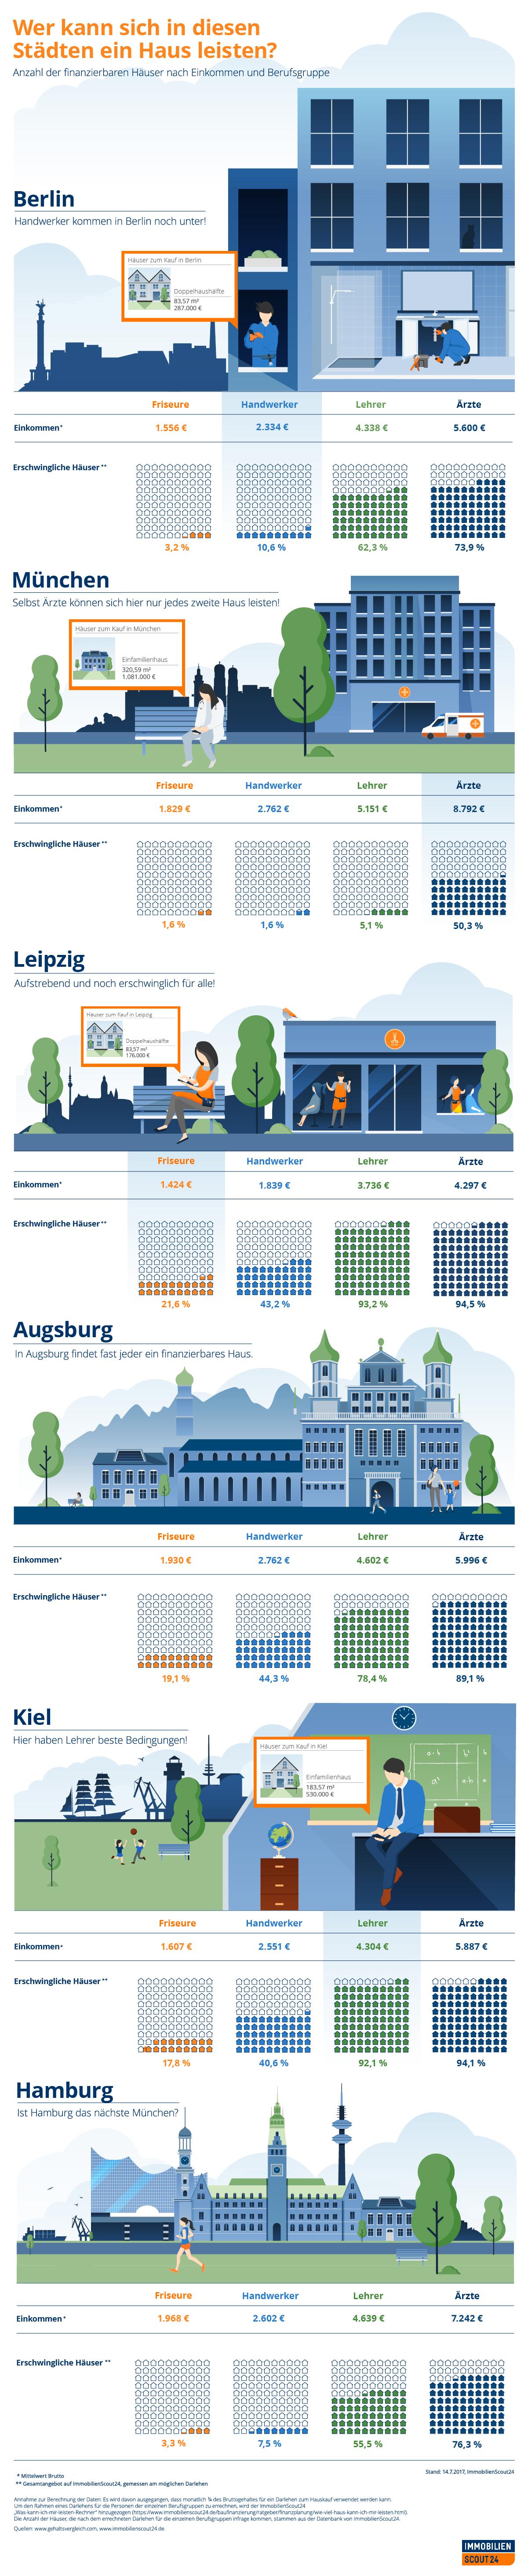 infografik wer kann sich in diesen st dten ein haus leisten. Black Bedroom Furniture Sets. Home Design Ideas